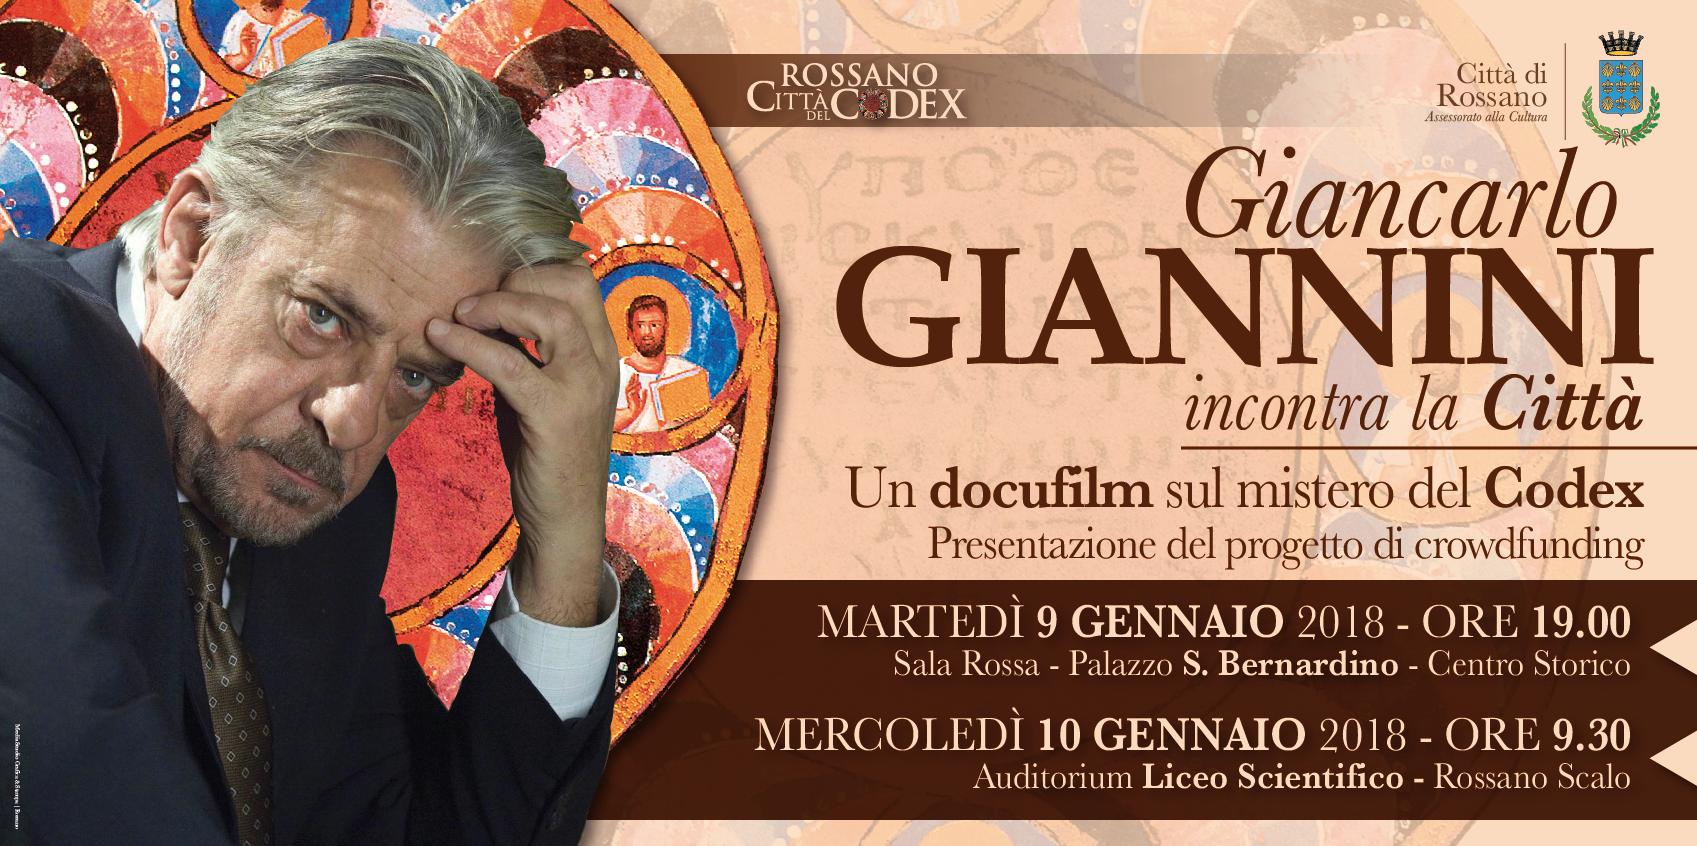 Giancarlo Giannini a Rossano, un docufilm sul mistero del Codex ...